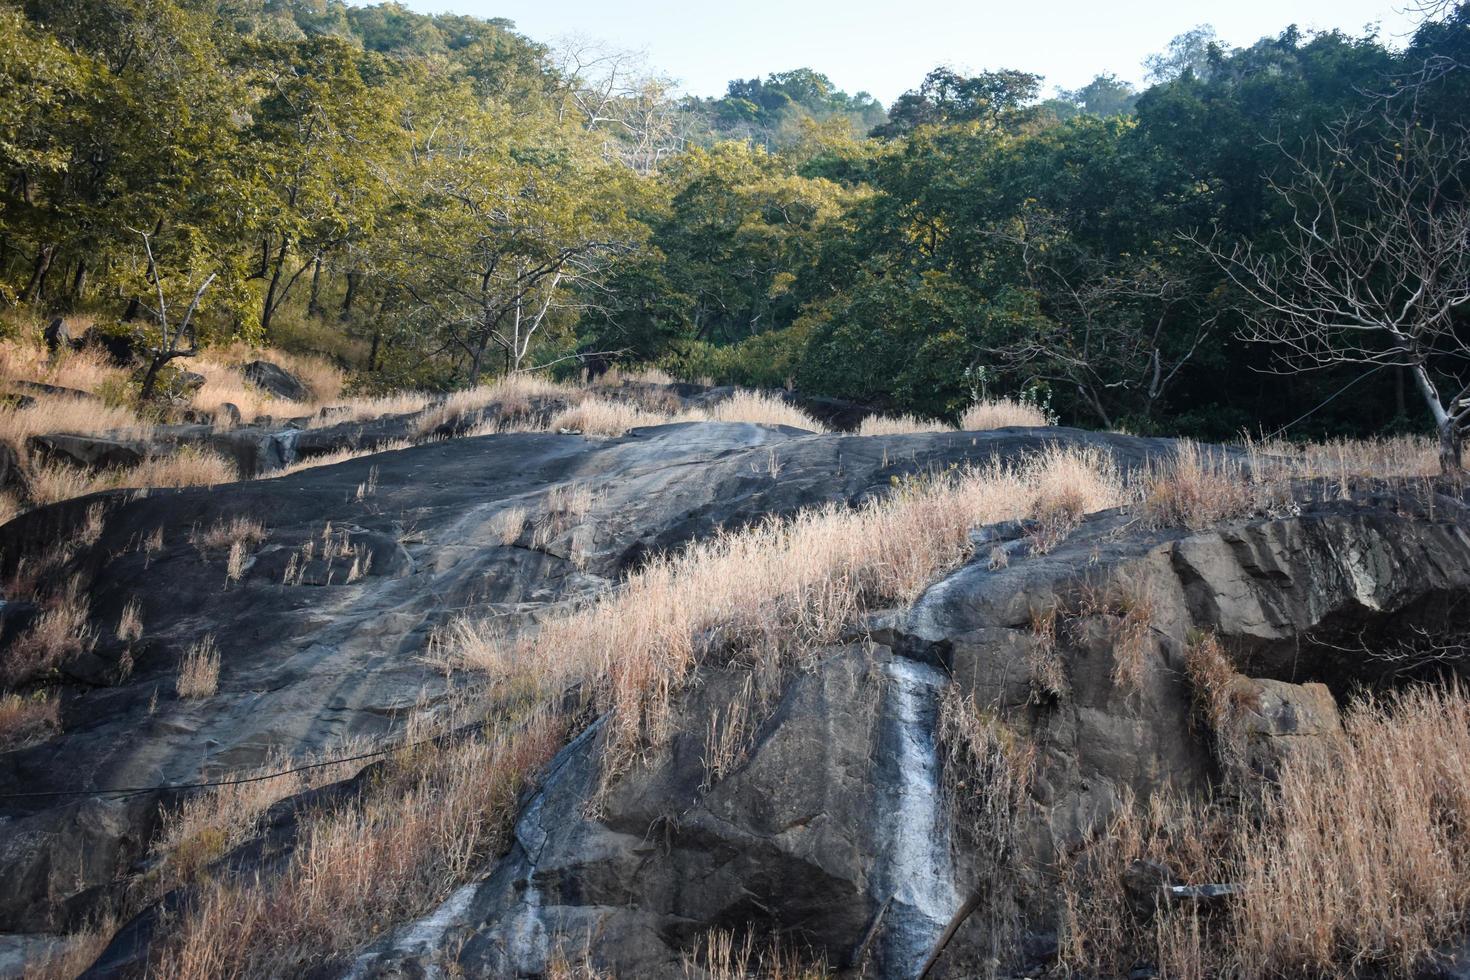 zwarte vallei steen foto